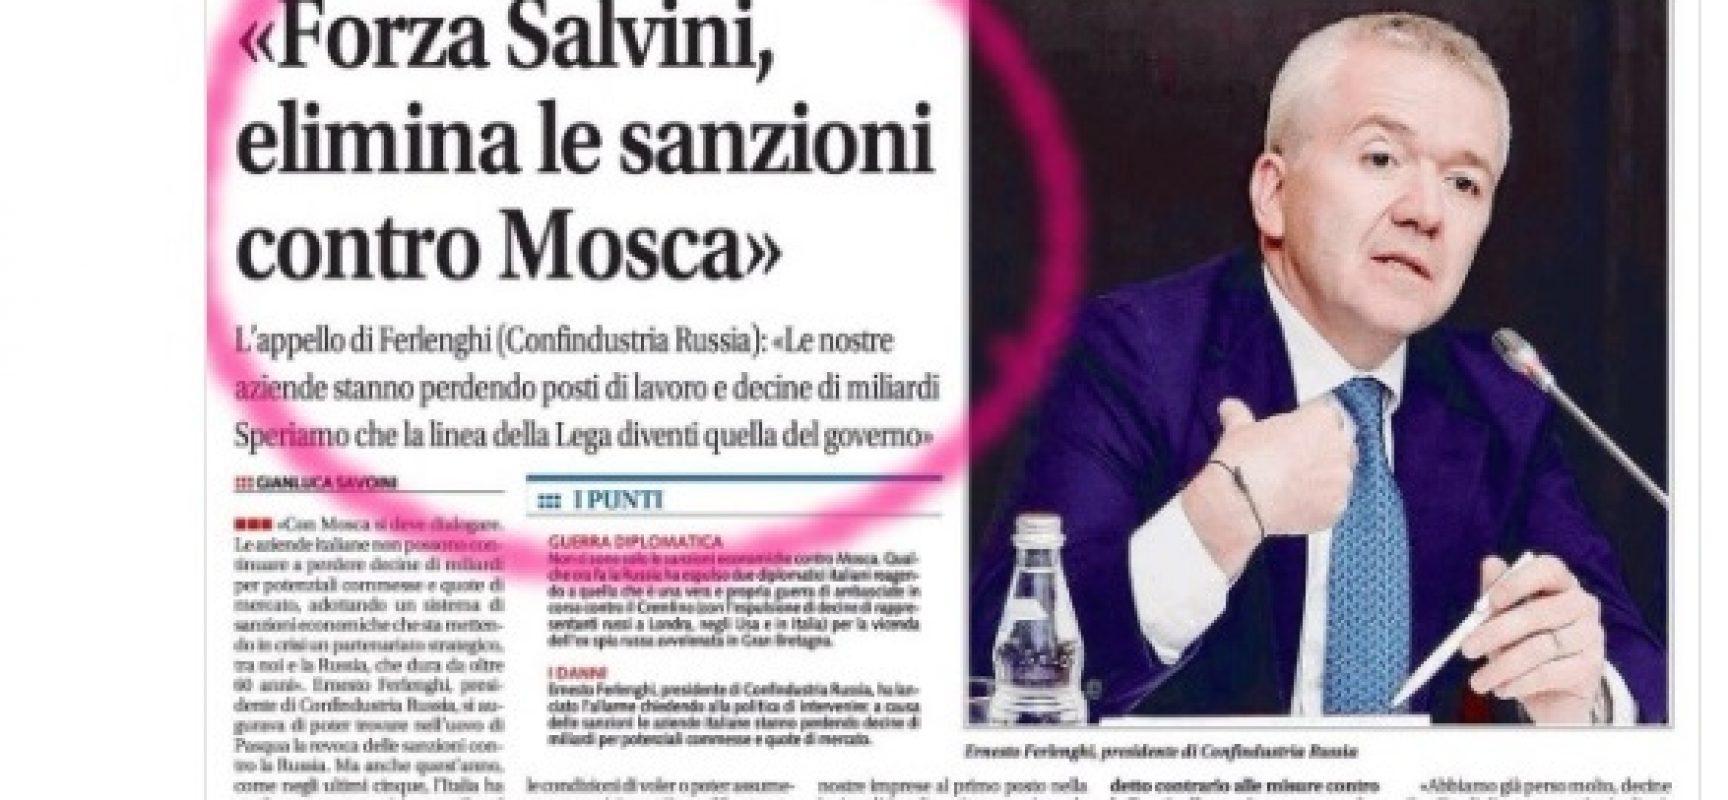 Fake : Le sanzioni alla Russia stanno causando un danno incalcolabile all'economia italiana